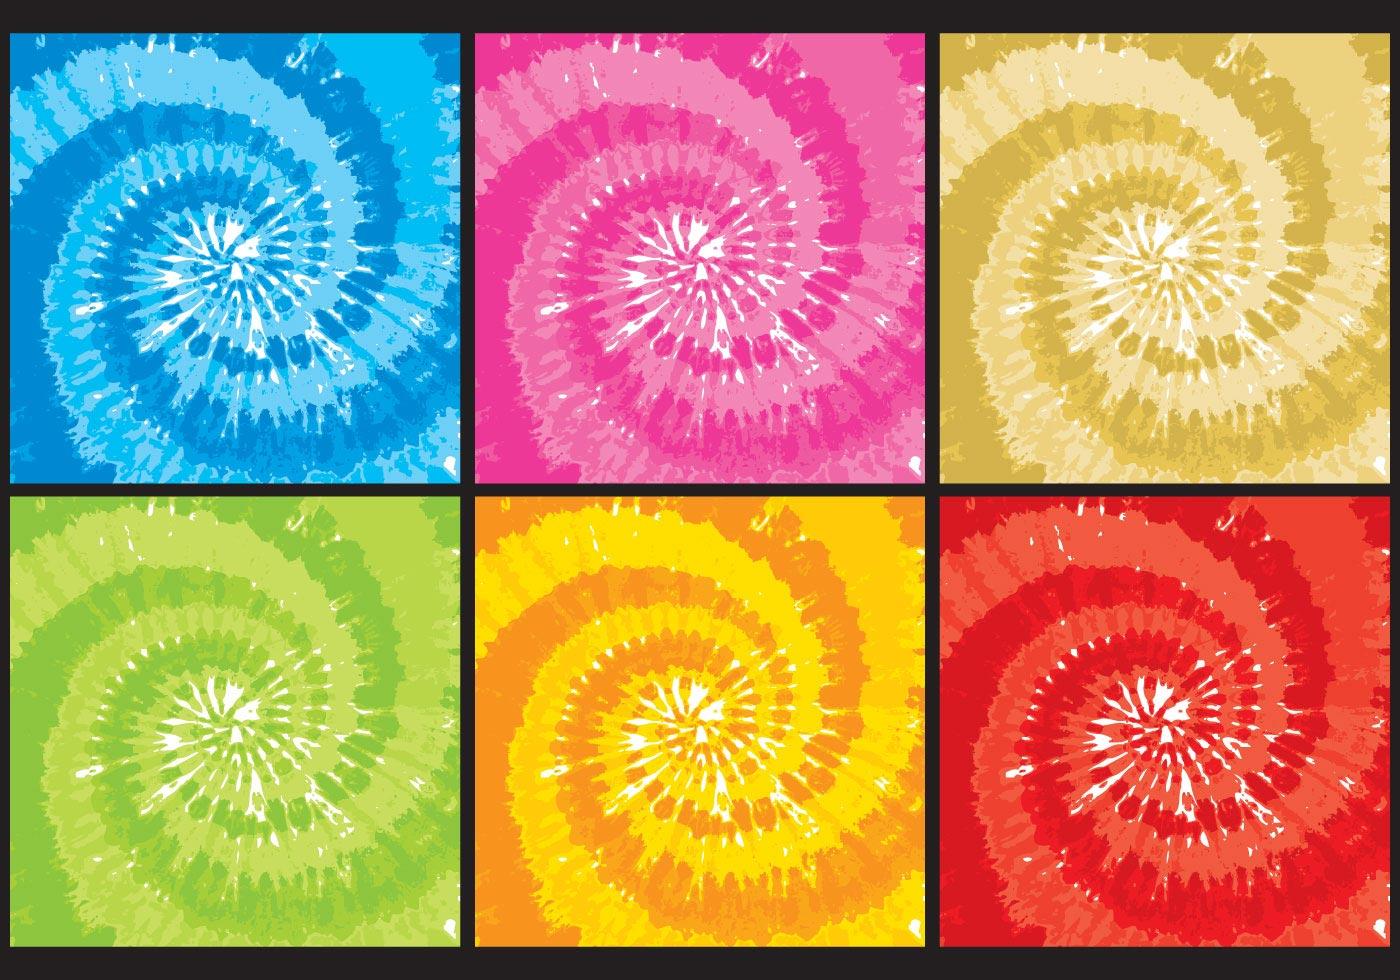 Tye Dye Textures - Download Free Vector Art, Stock Graphics & Images